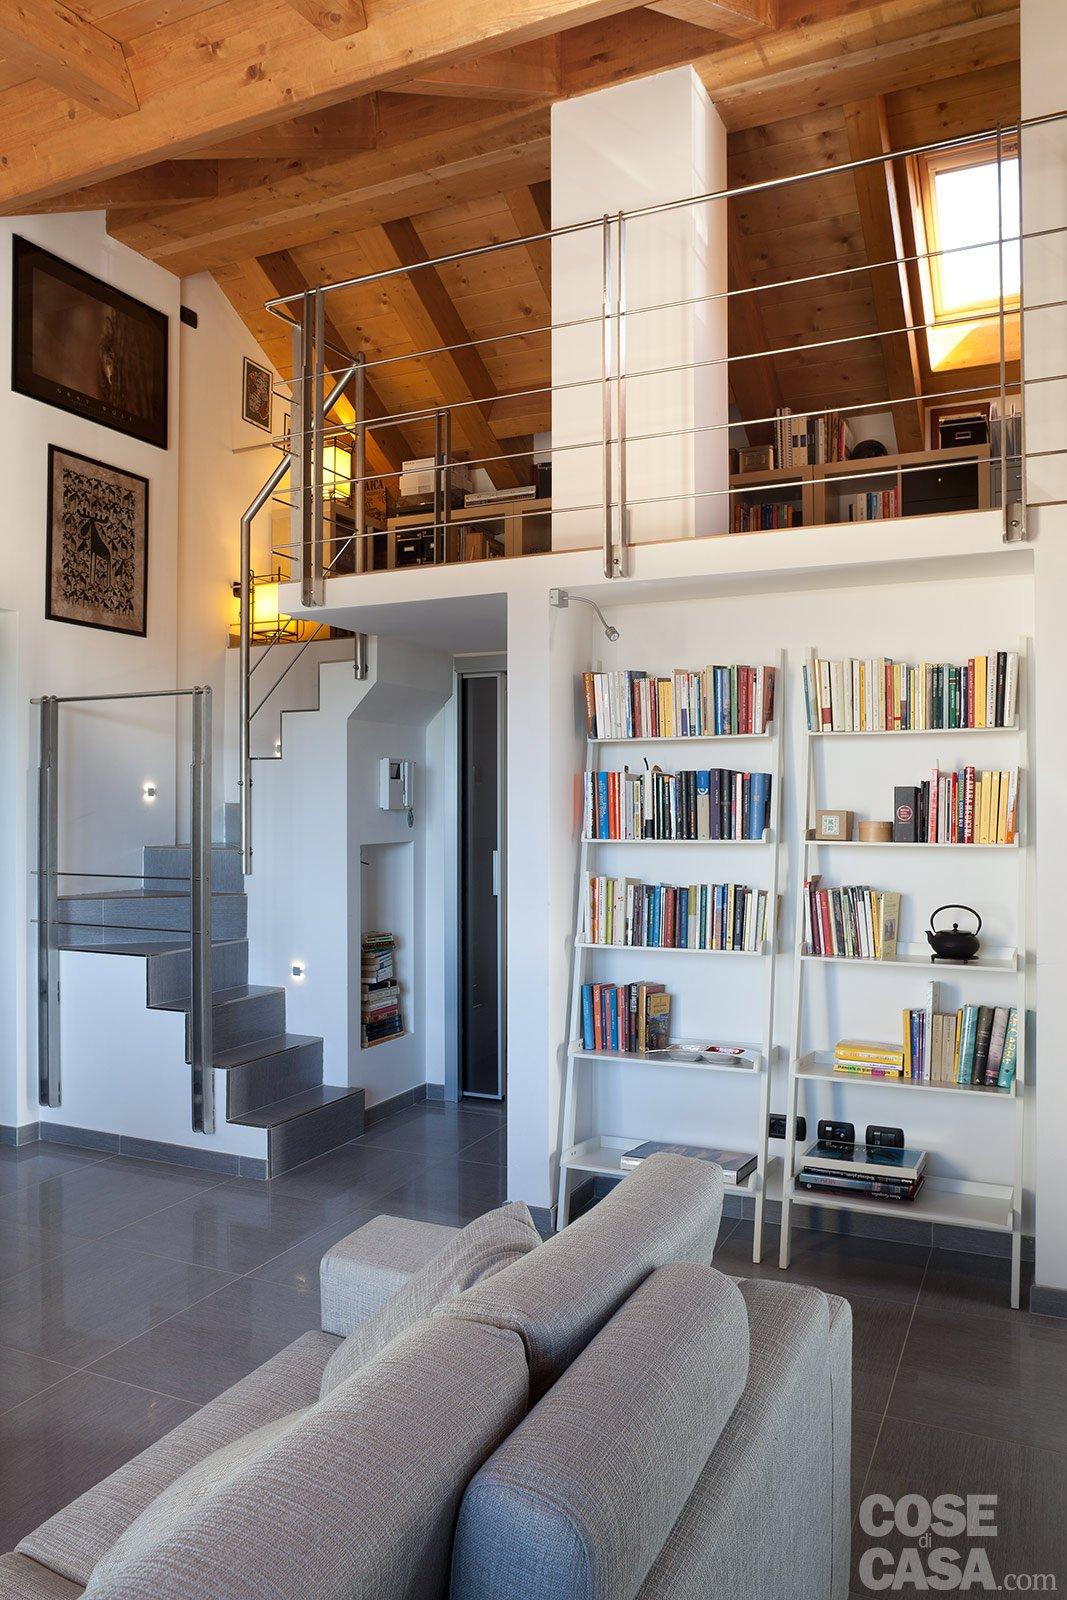 90 10 mq per una casa che sfrutta bene gli spazi cose di - Disposizione stanze in una casa ...